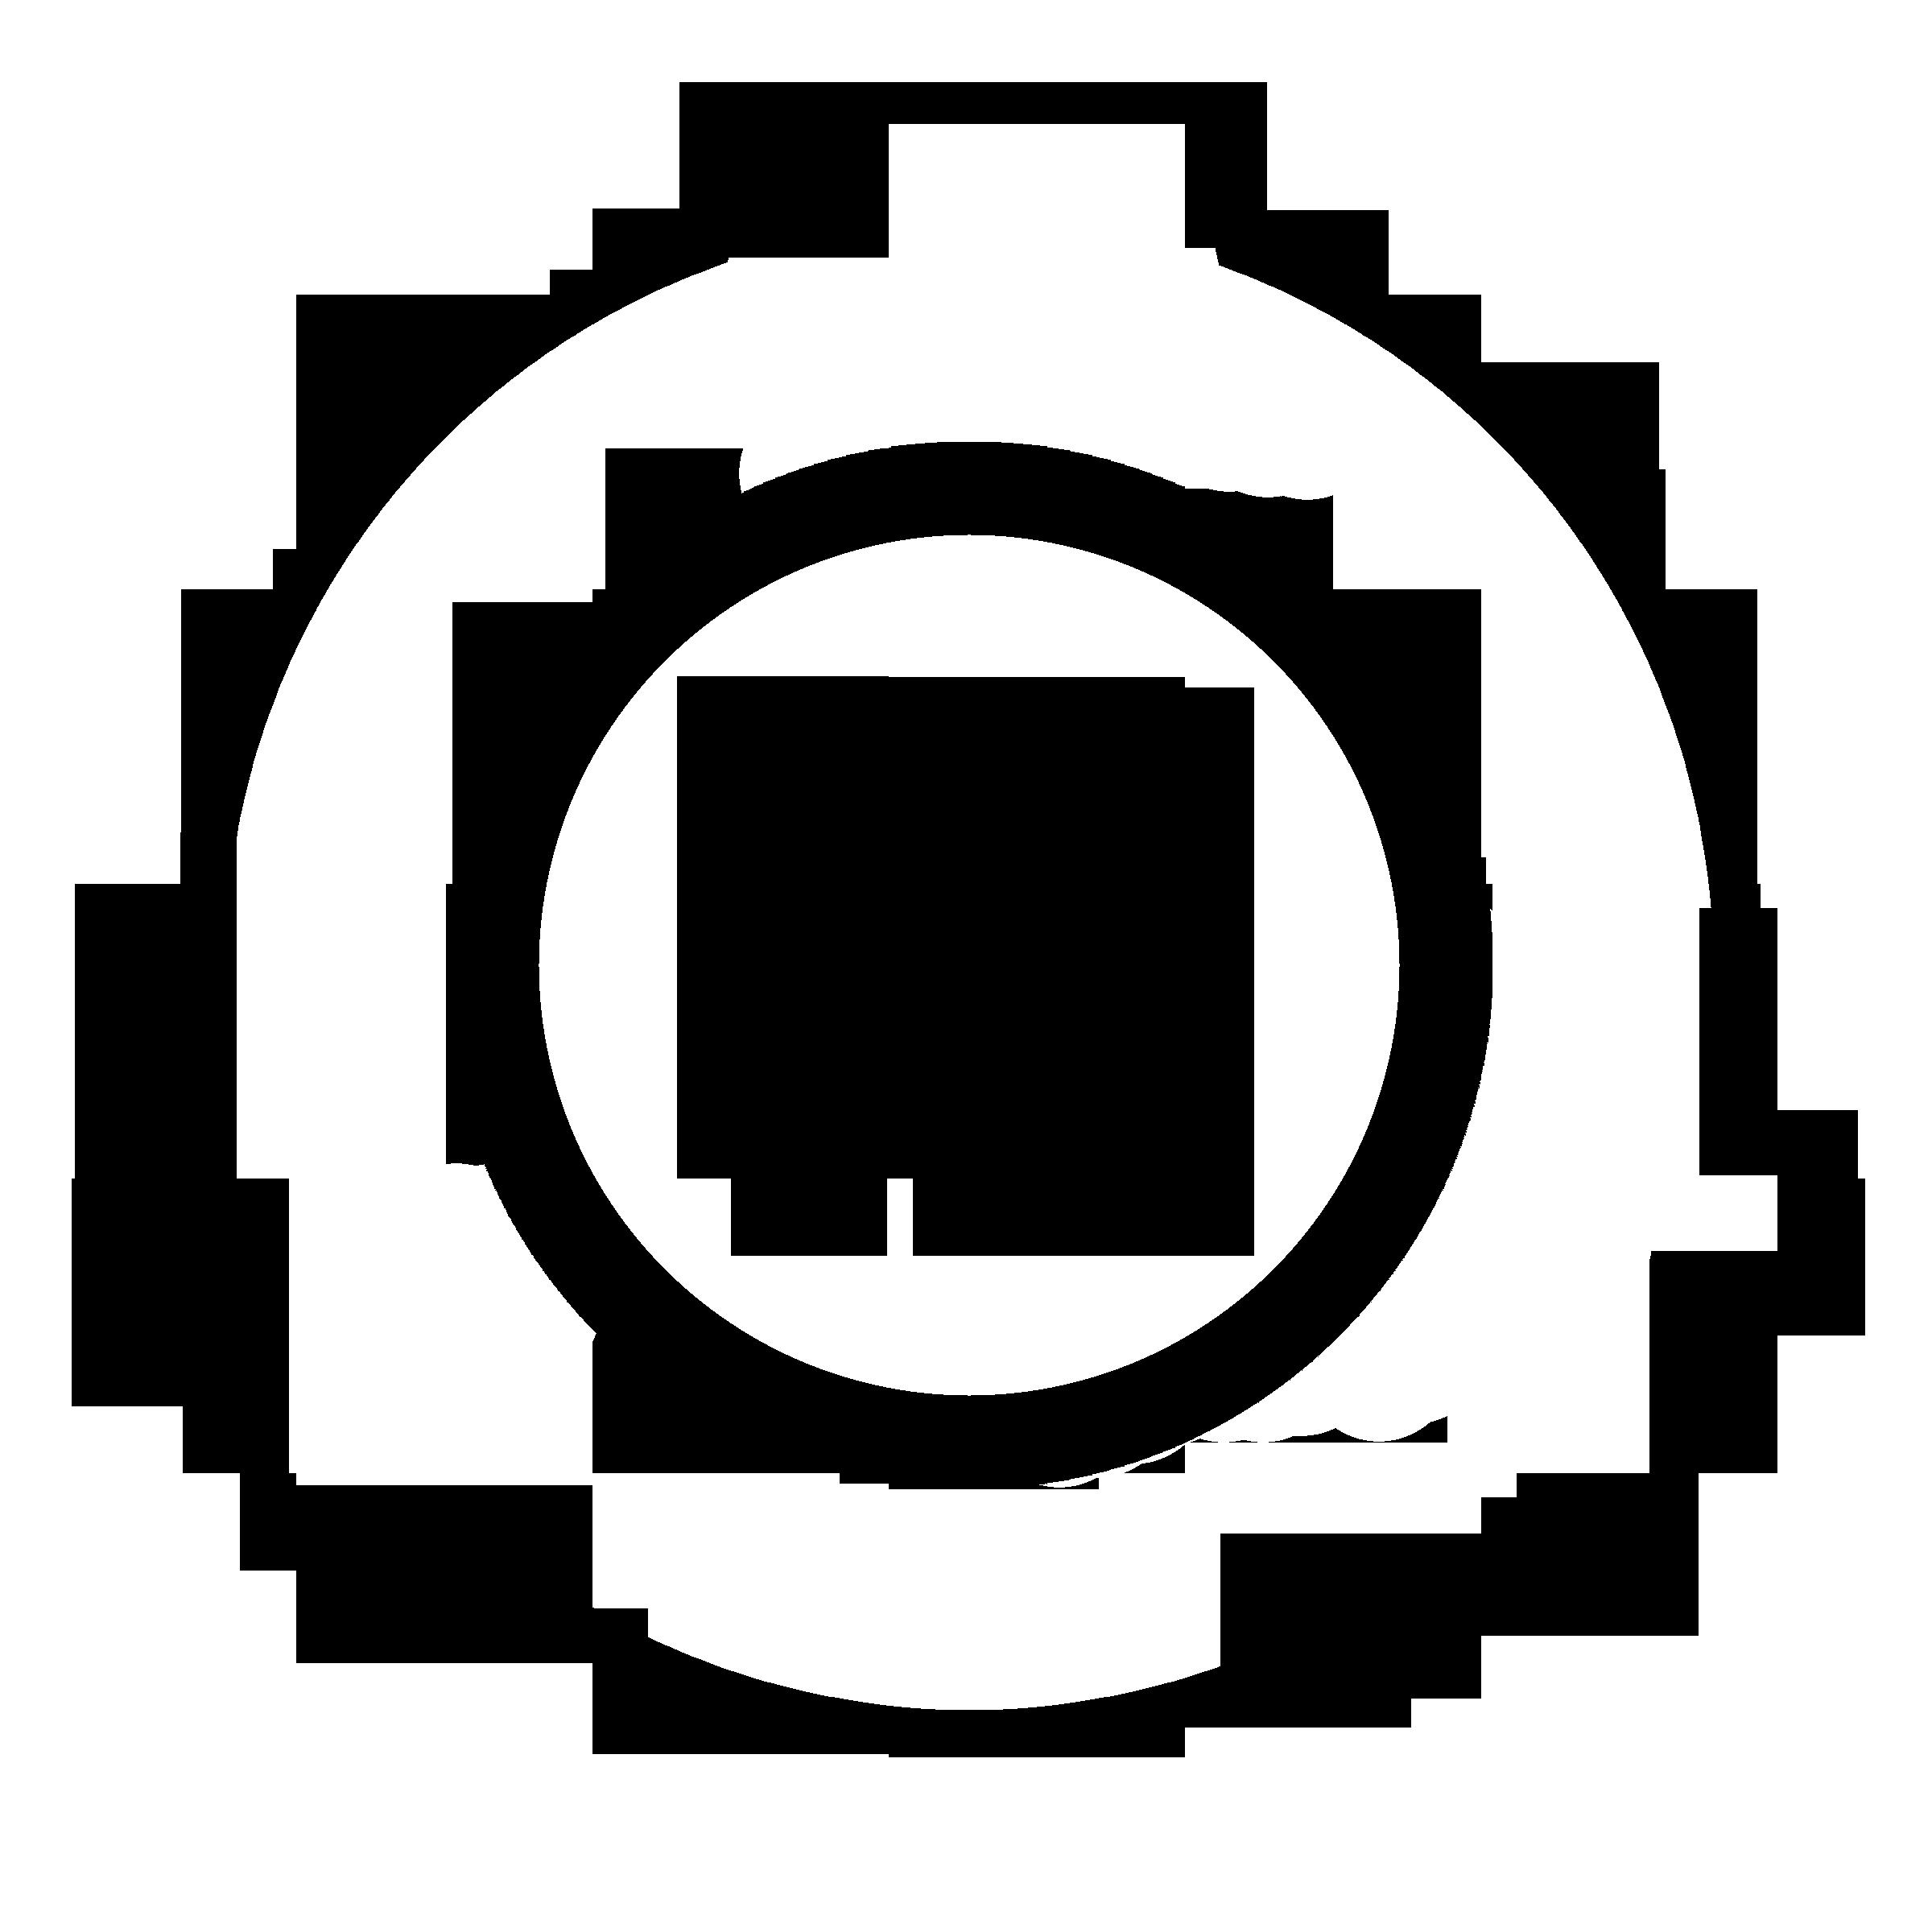 Emblema_Traduccion.png